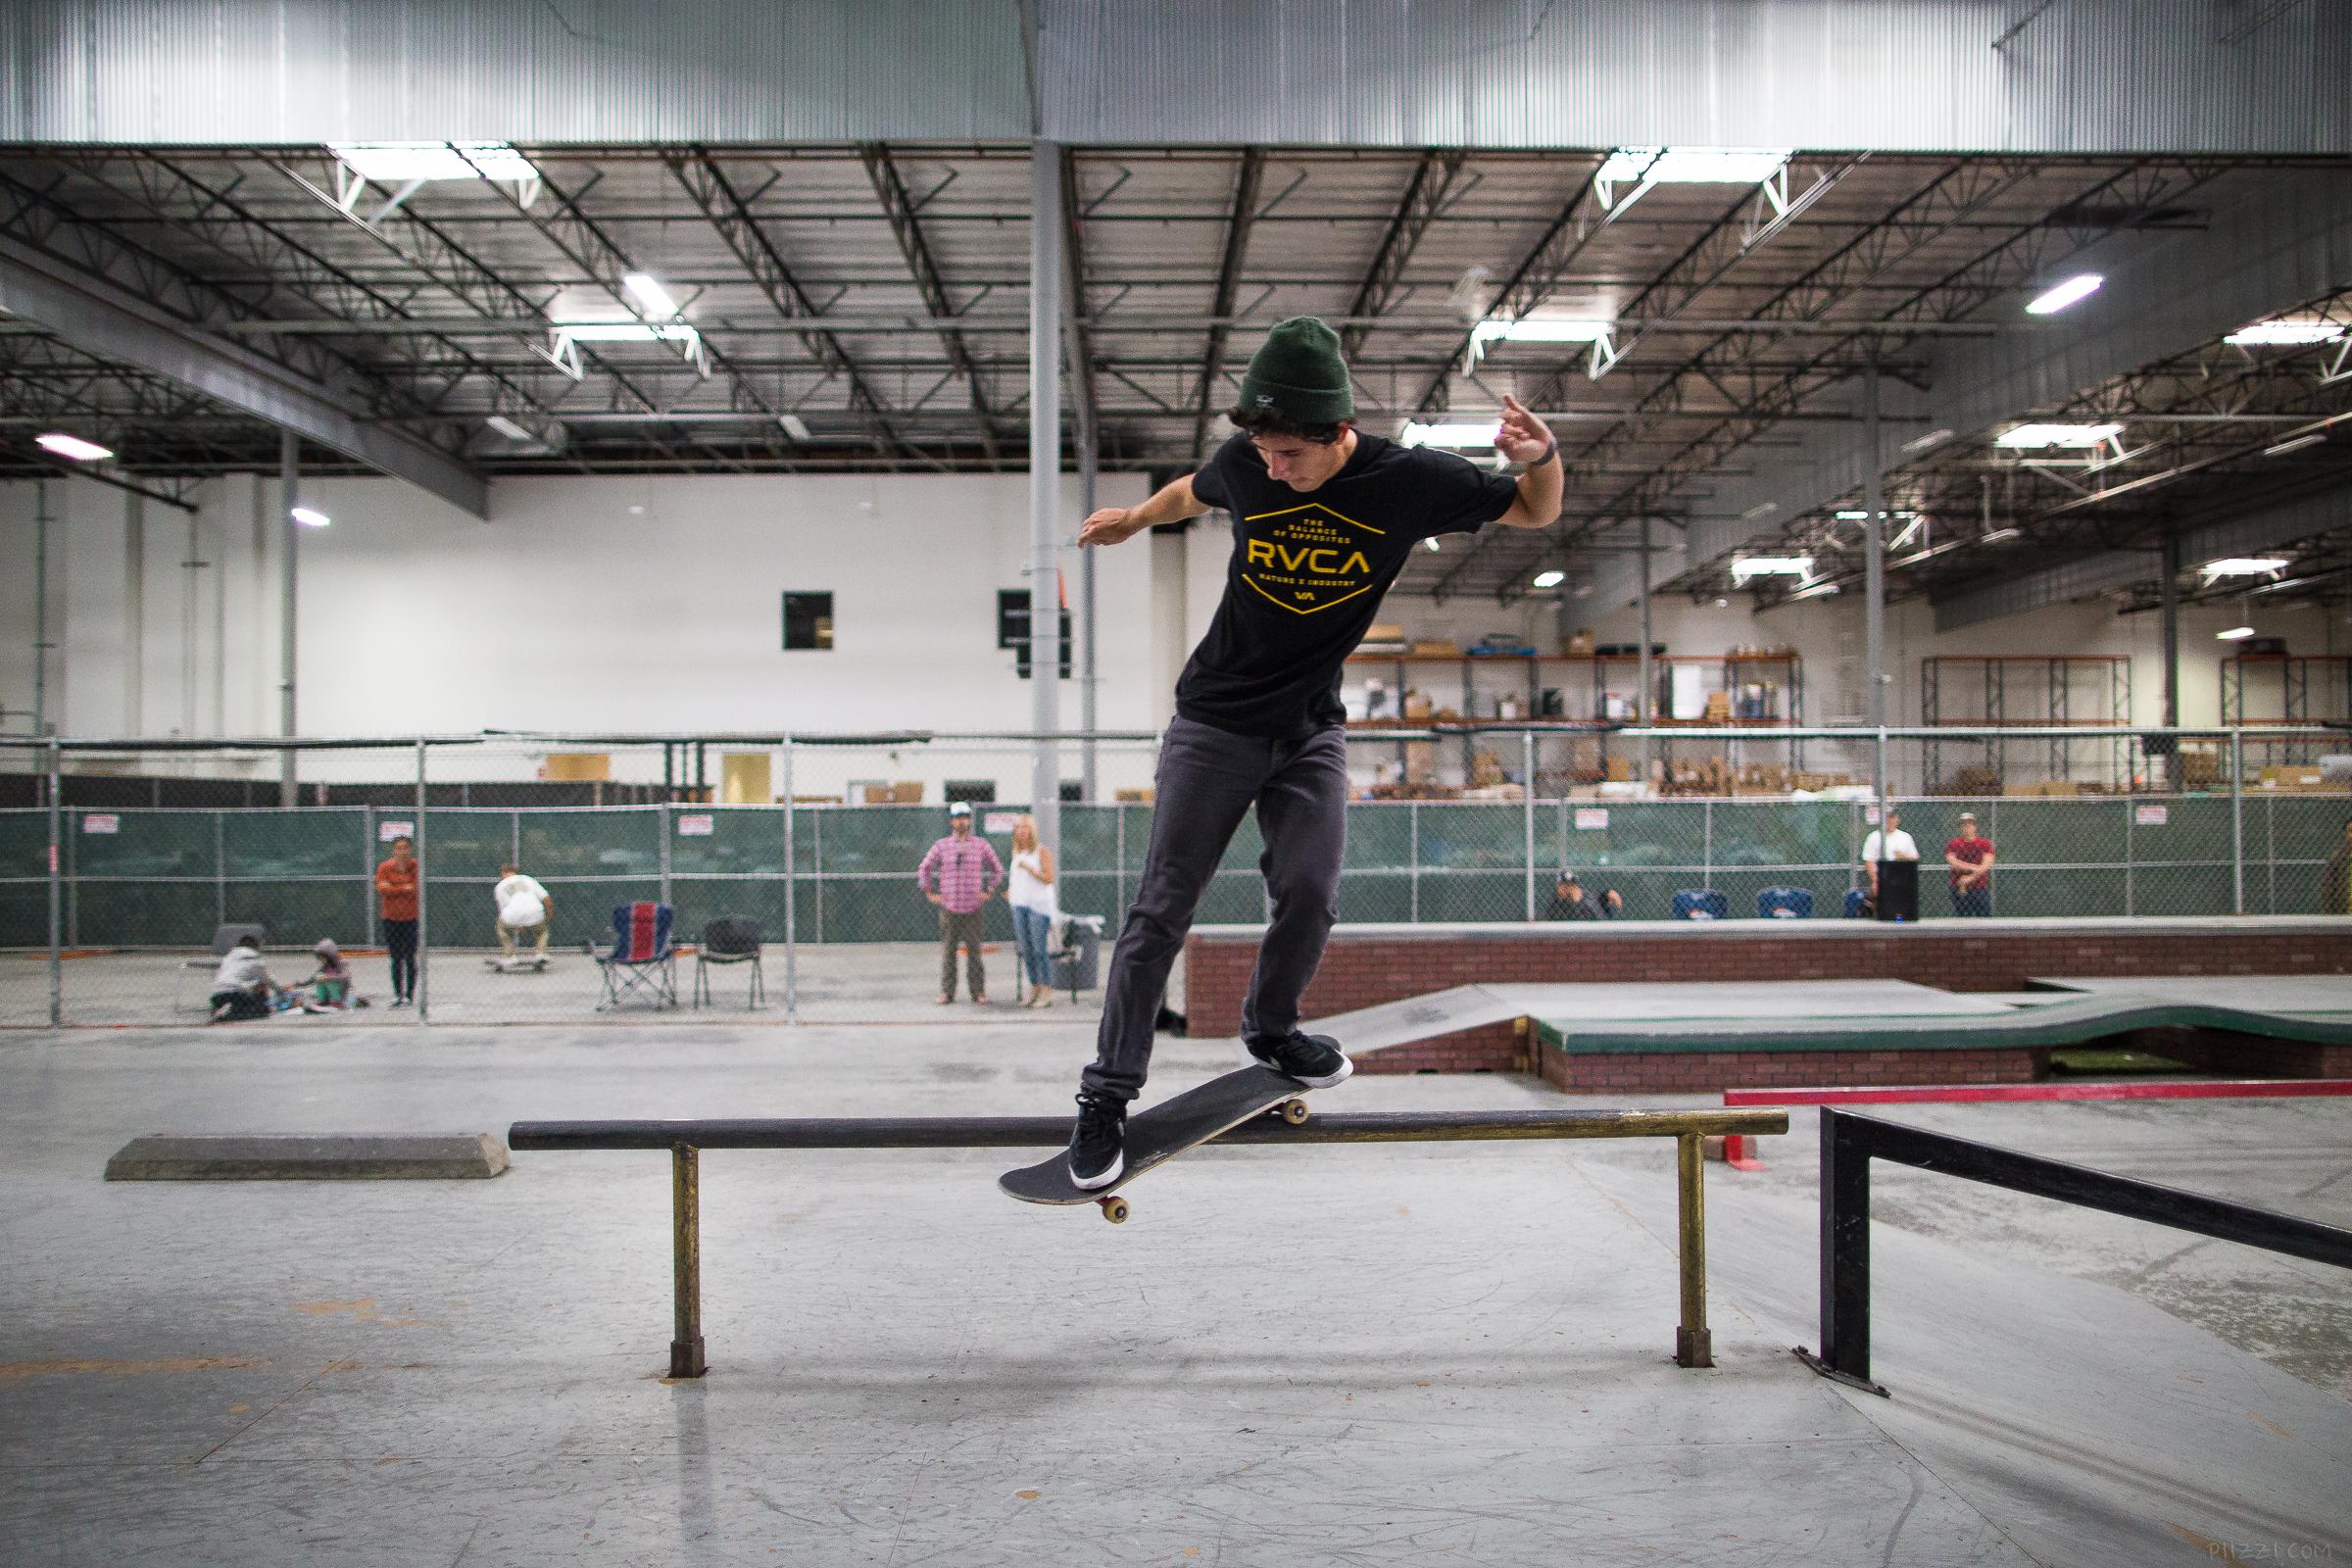 skate_rail_bssmith.jpg